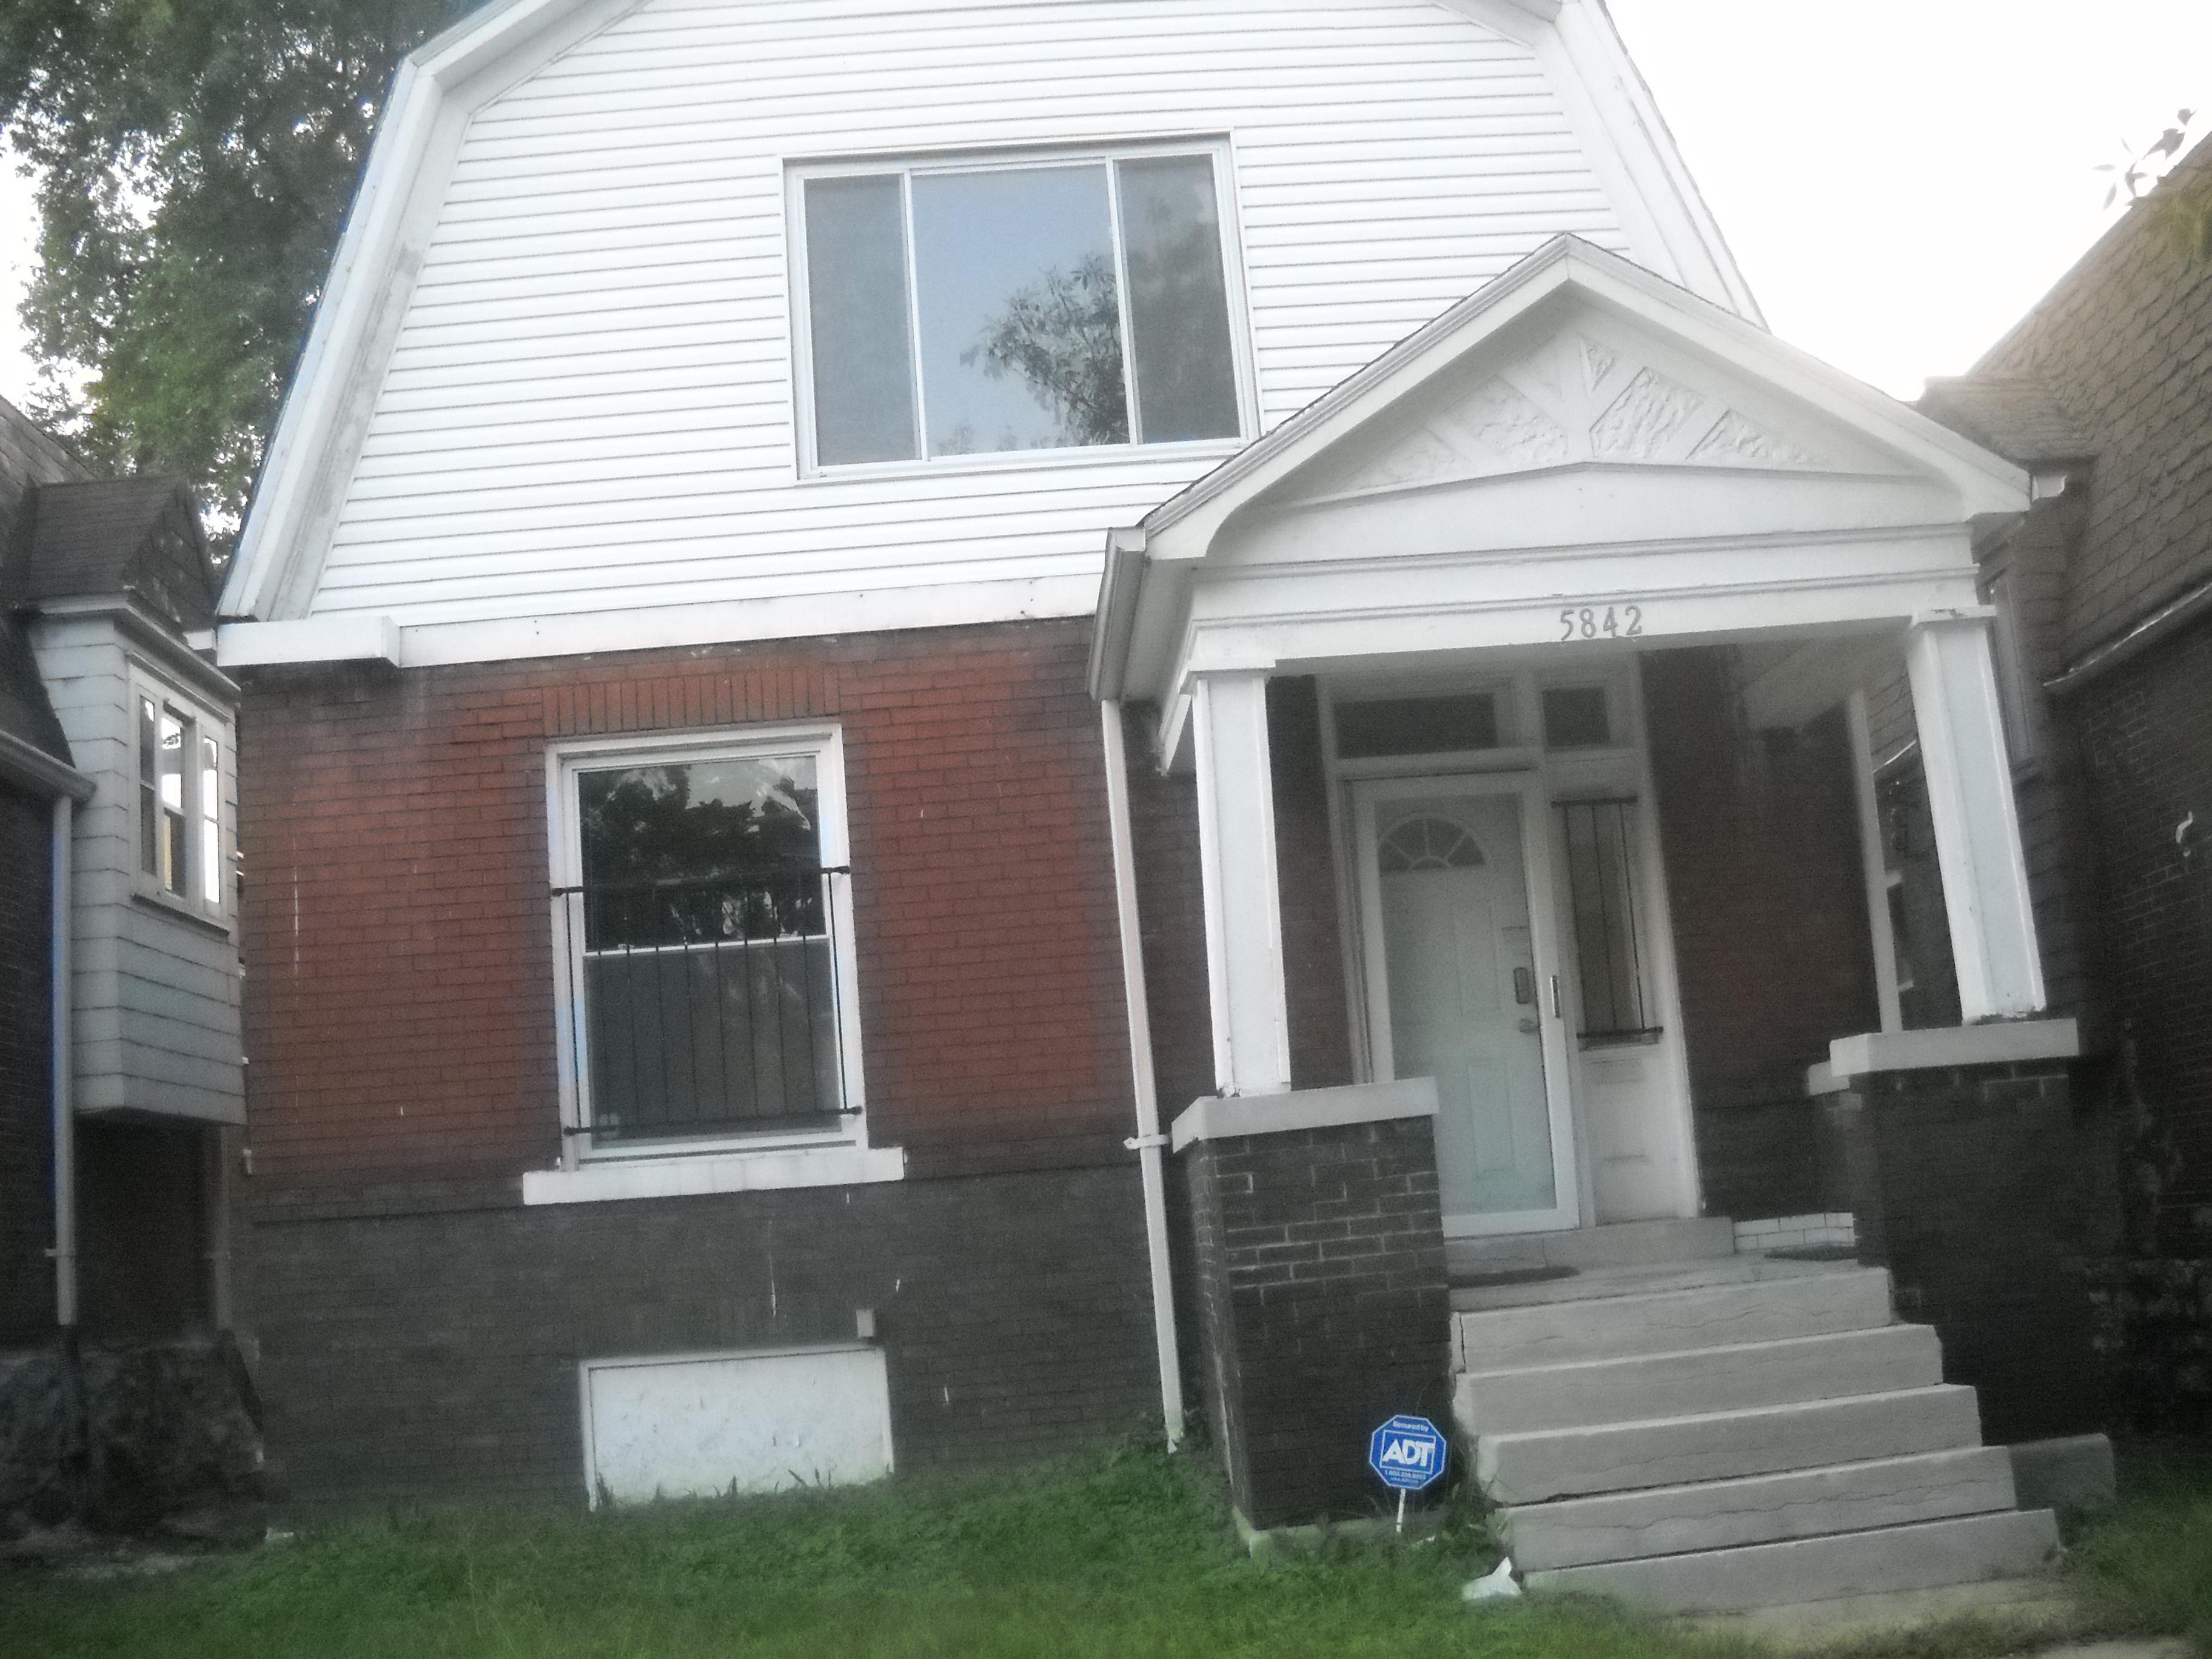 5842 Highland Ave